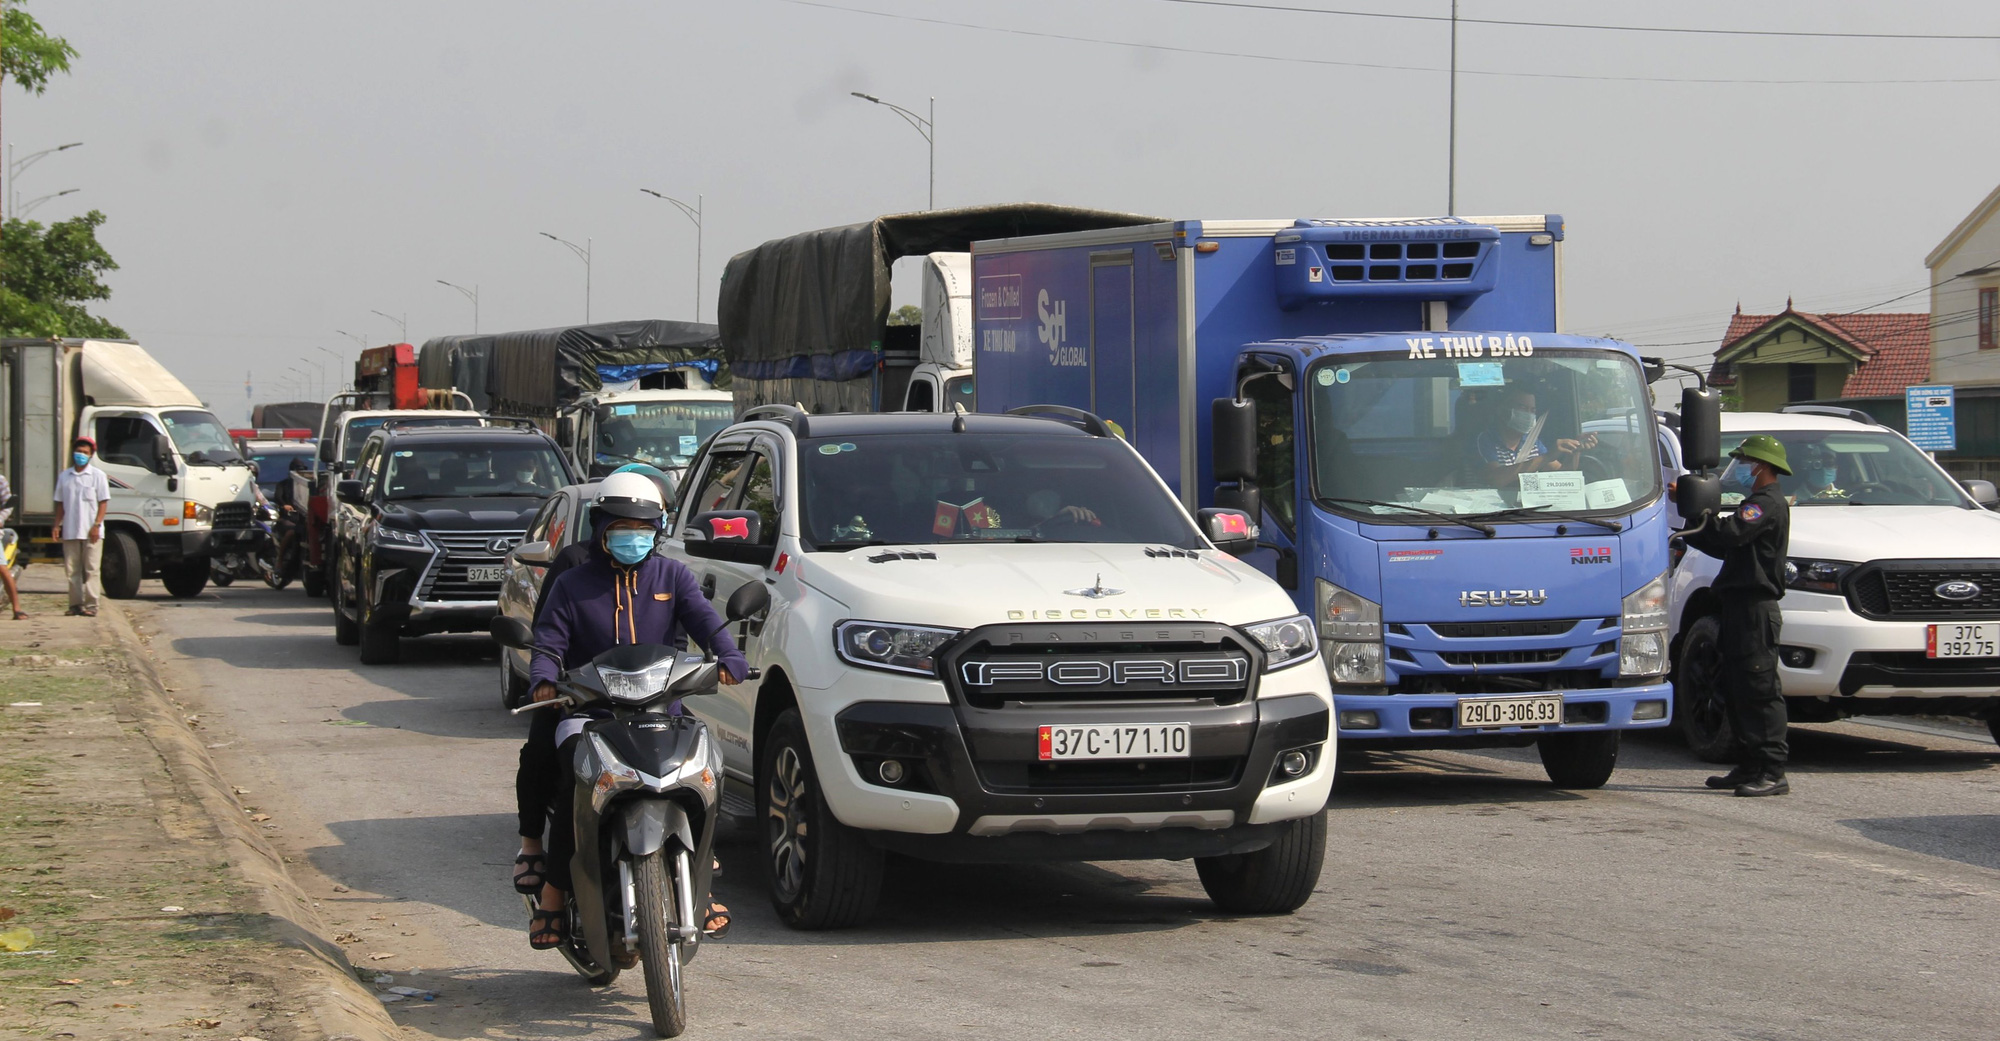 Đoàn xe ùn tắc dài hàng trăm mét trong ngày đầu chuyển từ Chỉ thị 16 xuống Chỉ thị 15 ở TP Vinh - Ảnh 7.